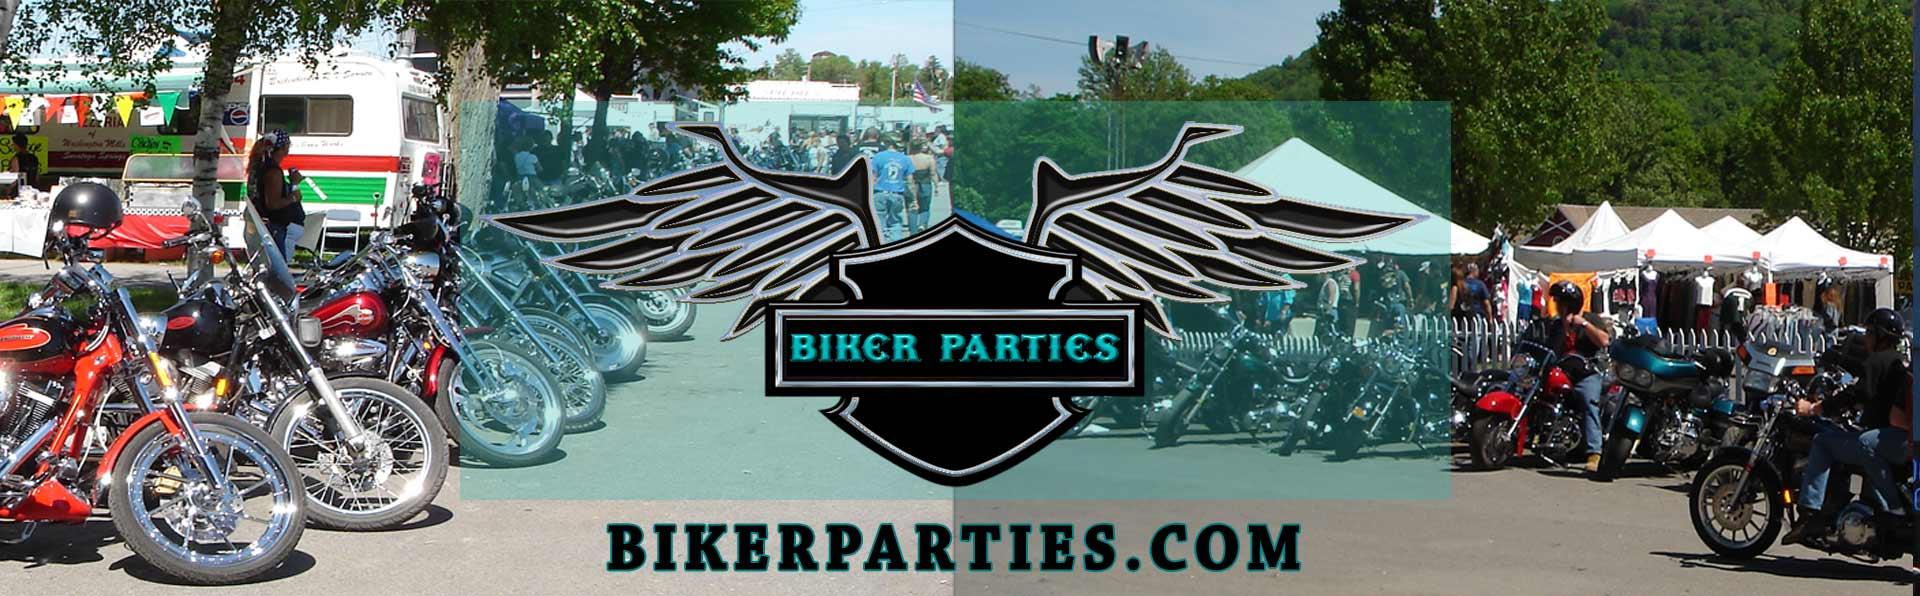 BikerParties